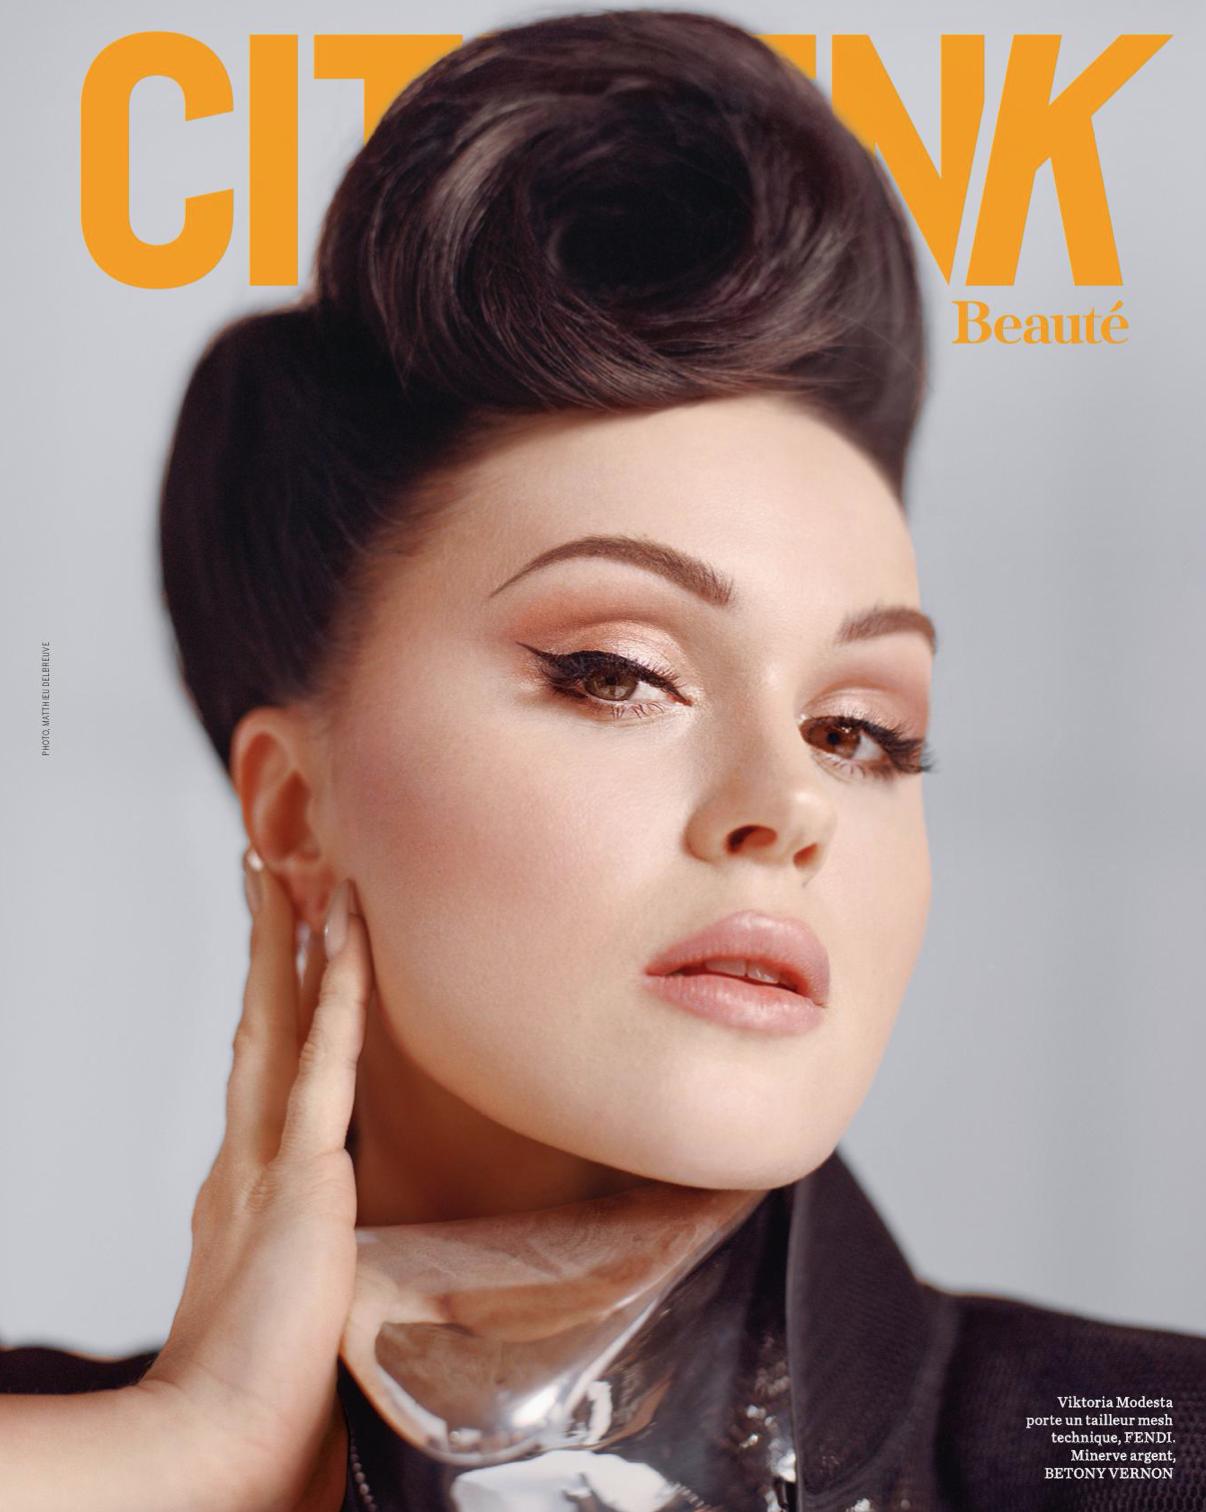 Citizen K / Viktoria Modesta